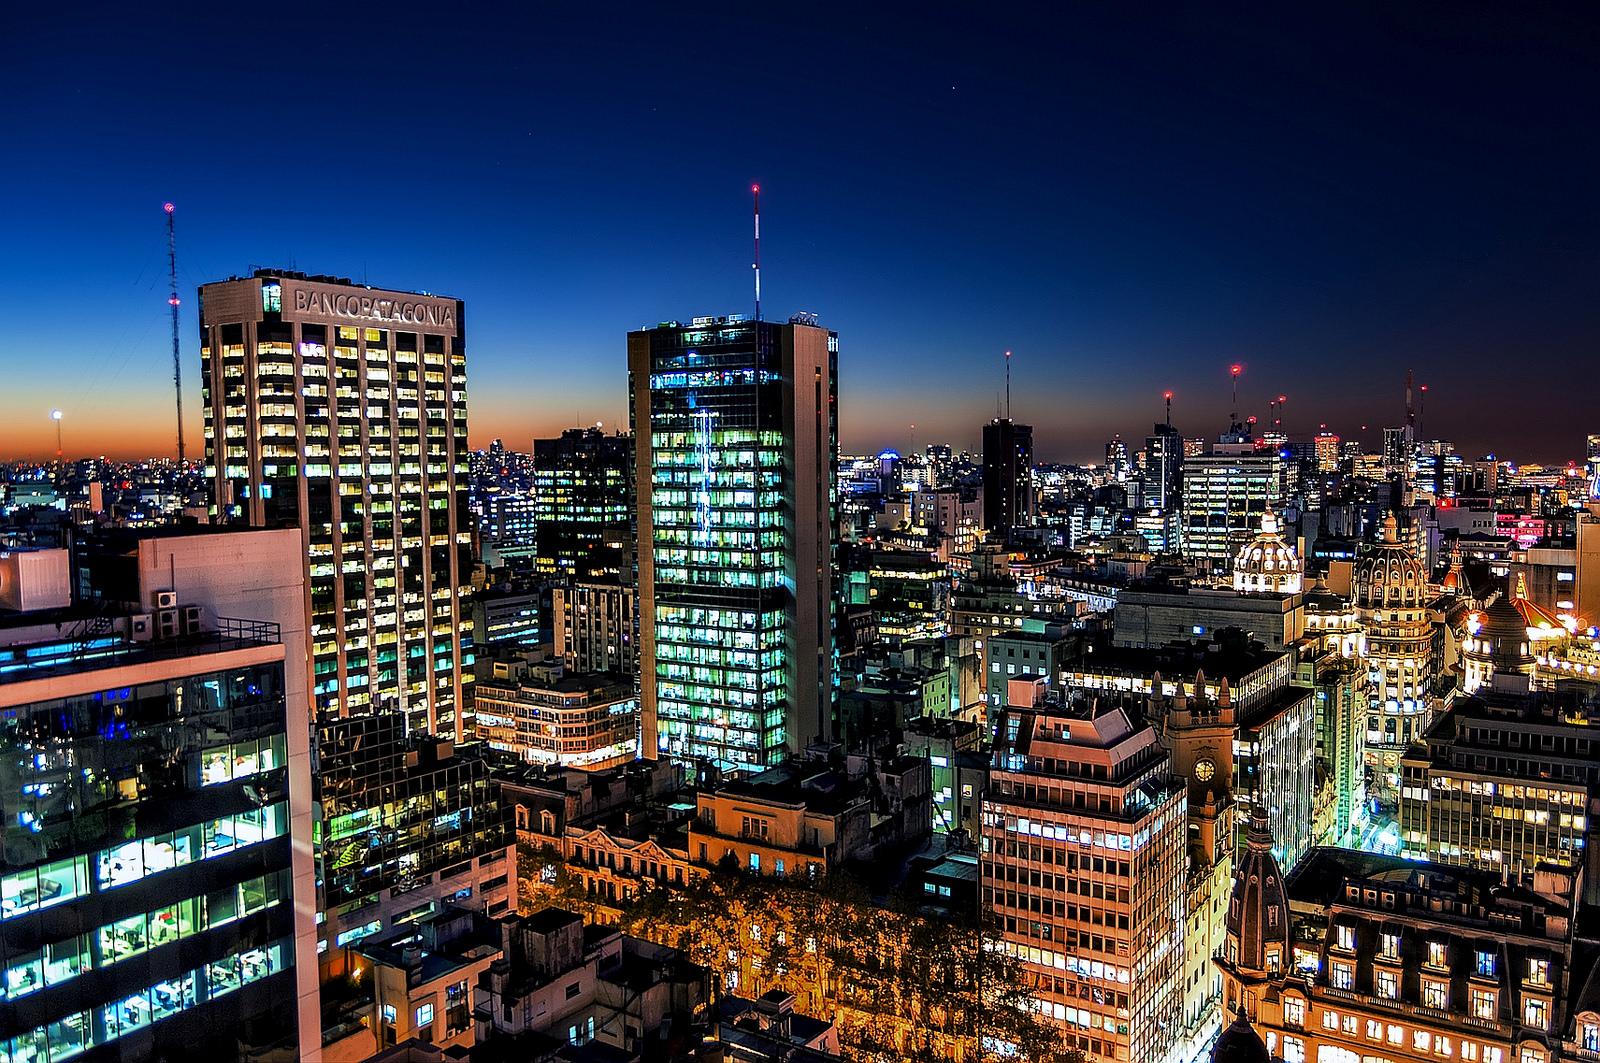 Edificios de noche - 1600x1063